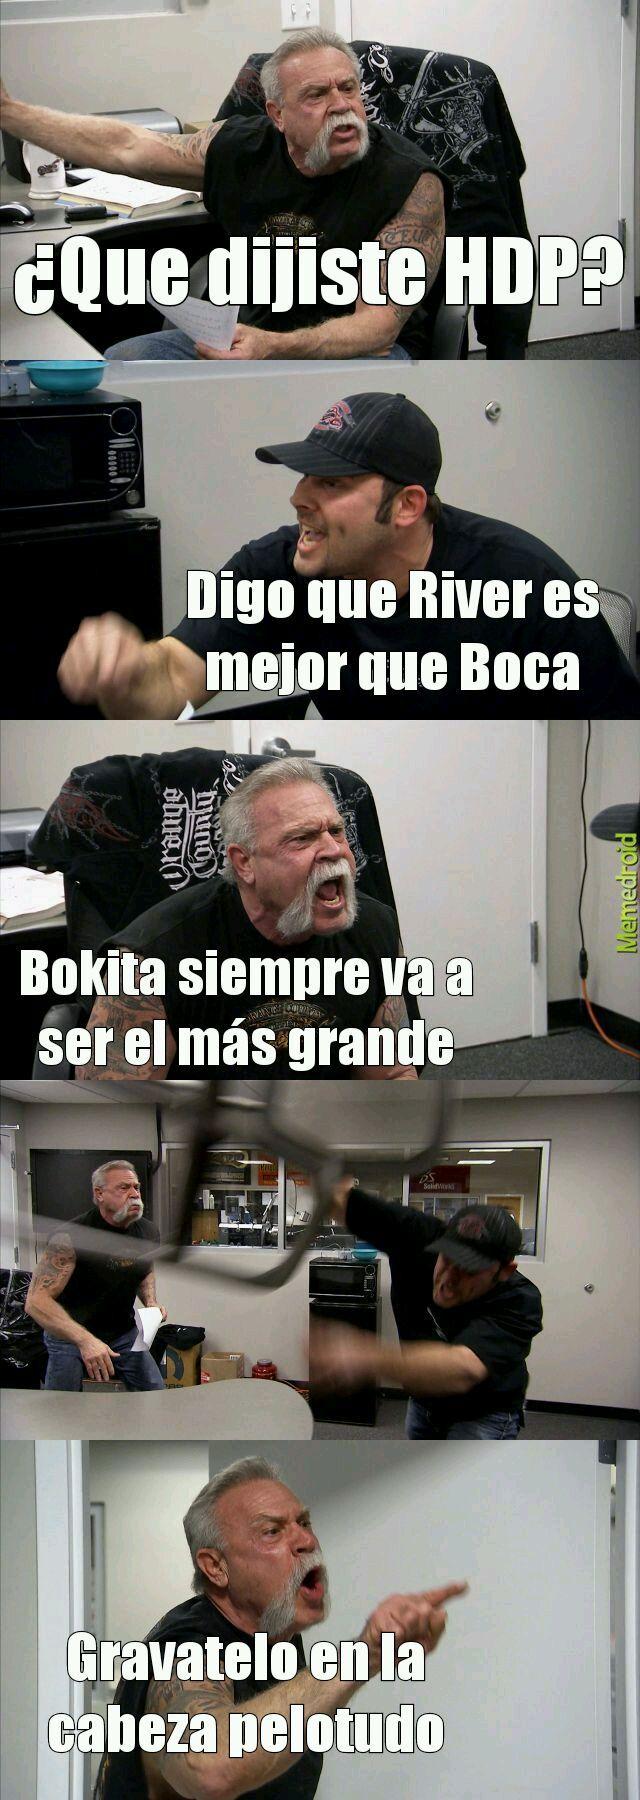 Aguante BOKITA - meme